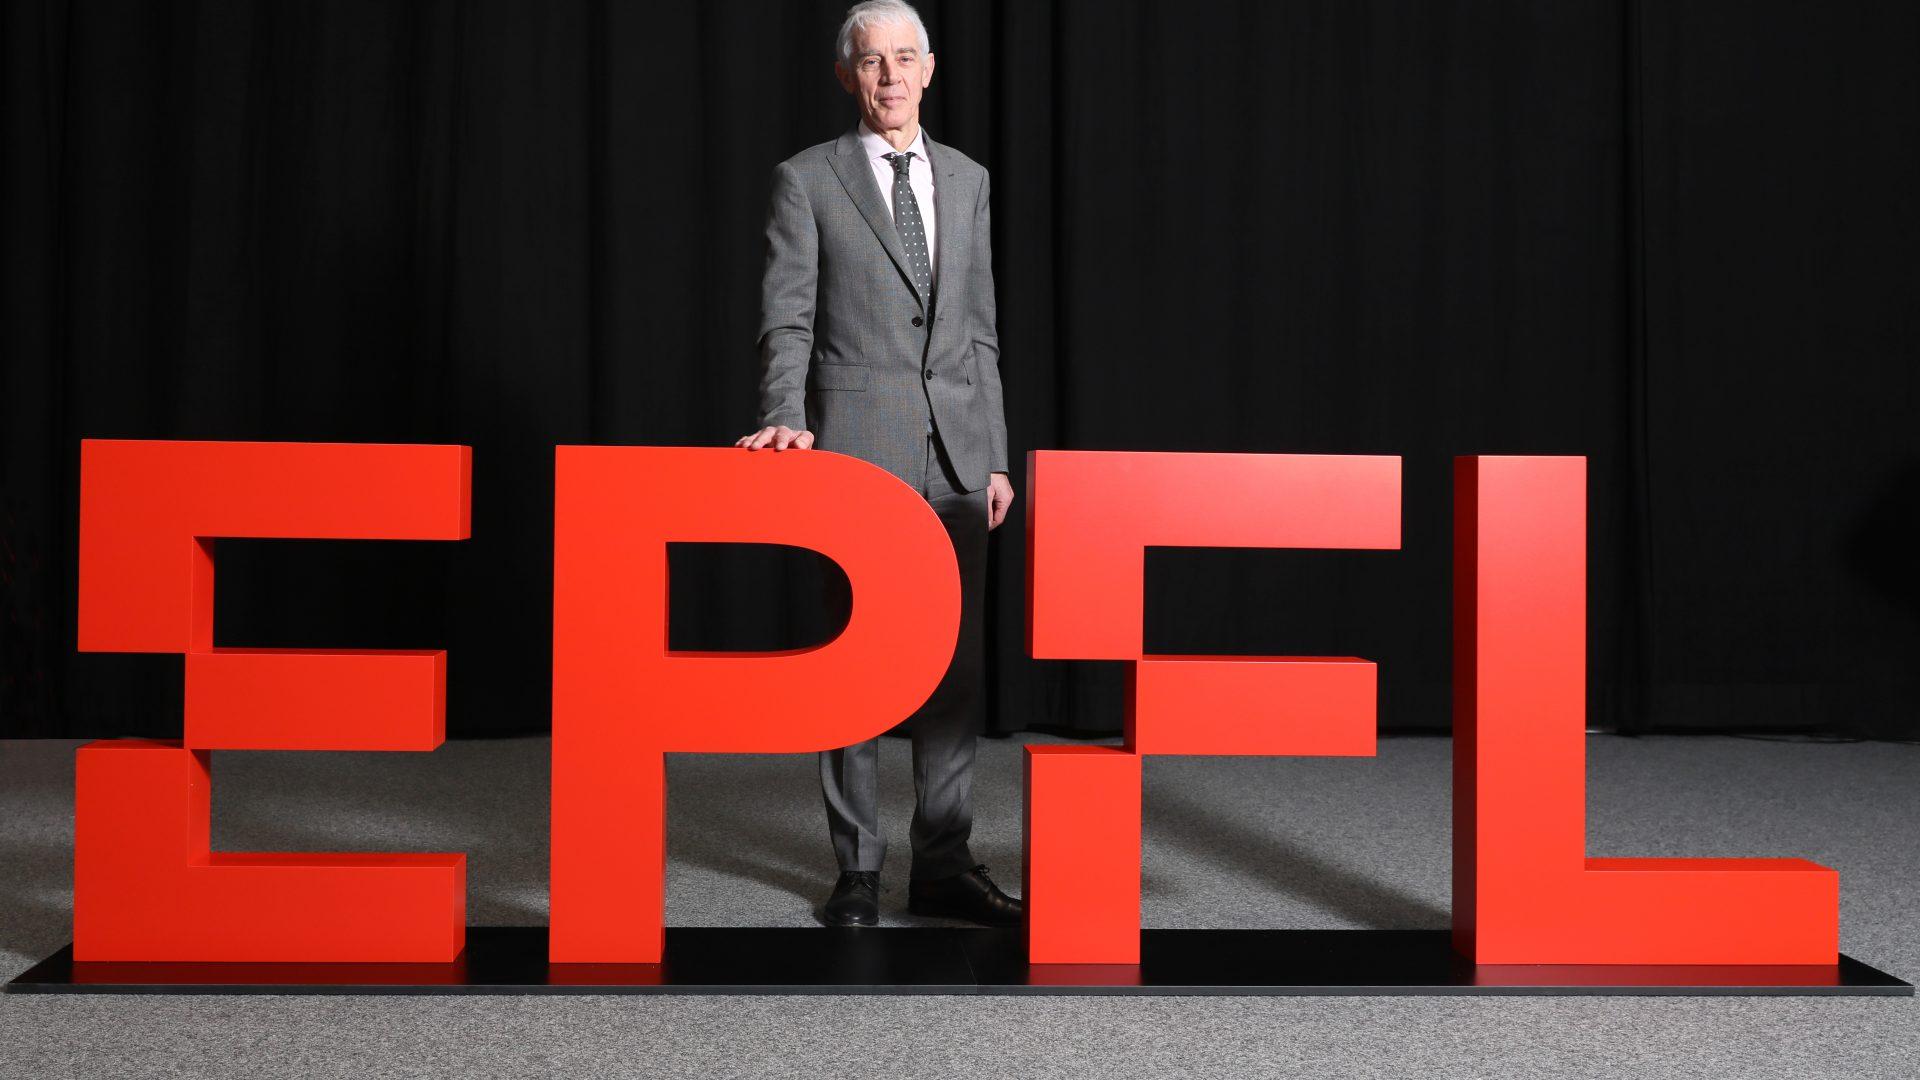 Martin Vetterli, président de l'EPFL, dévoile le nouveau logo de l'Ecole.